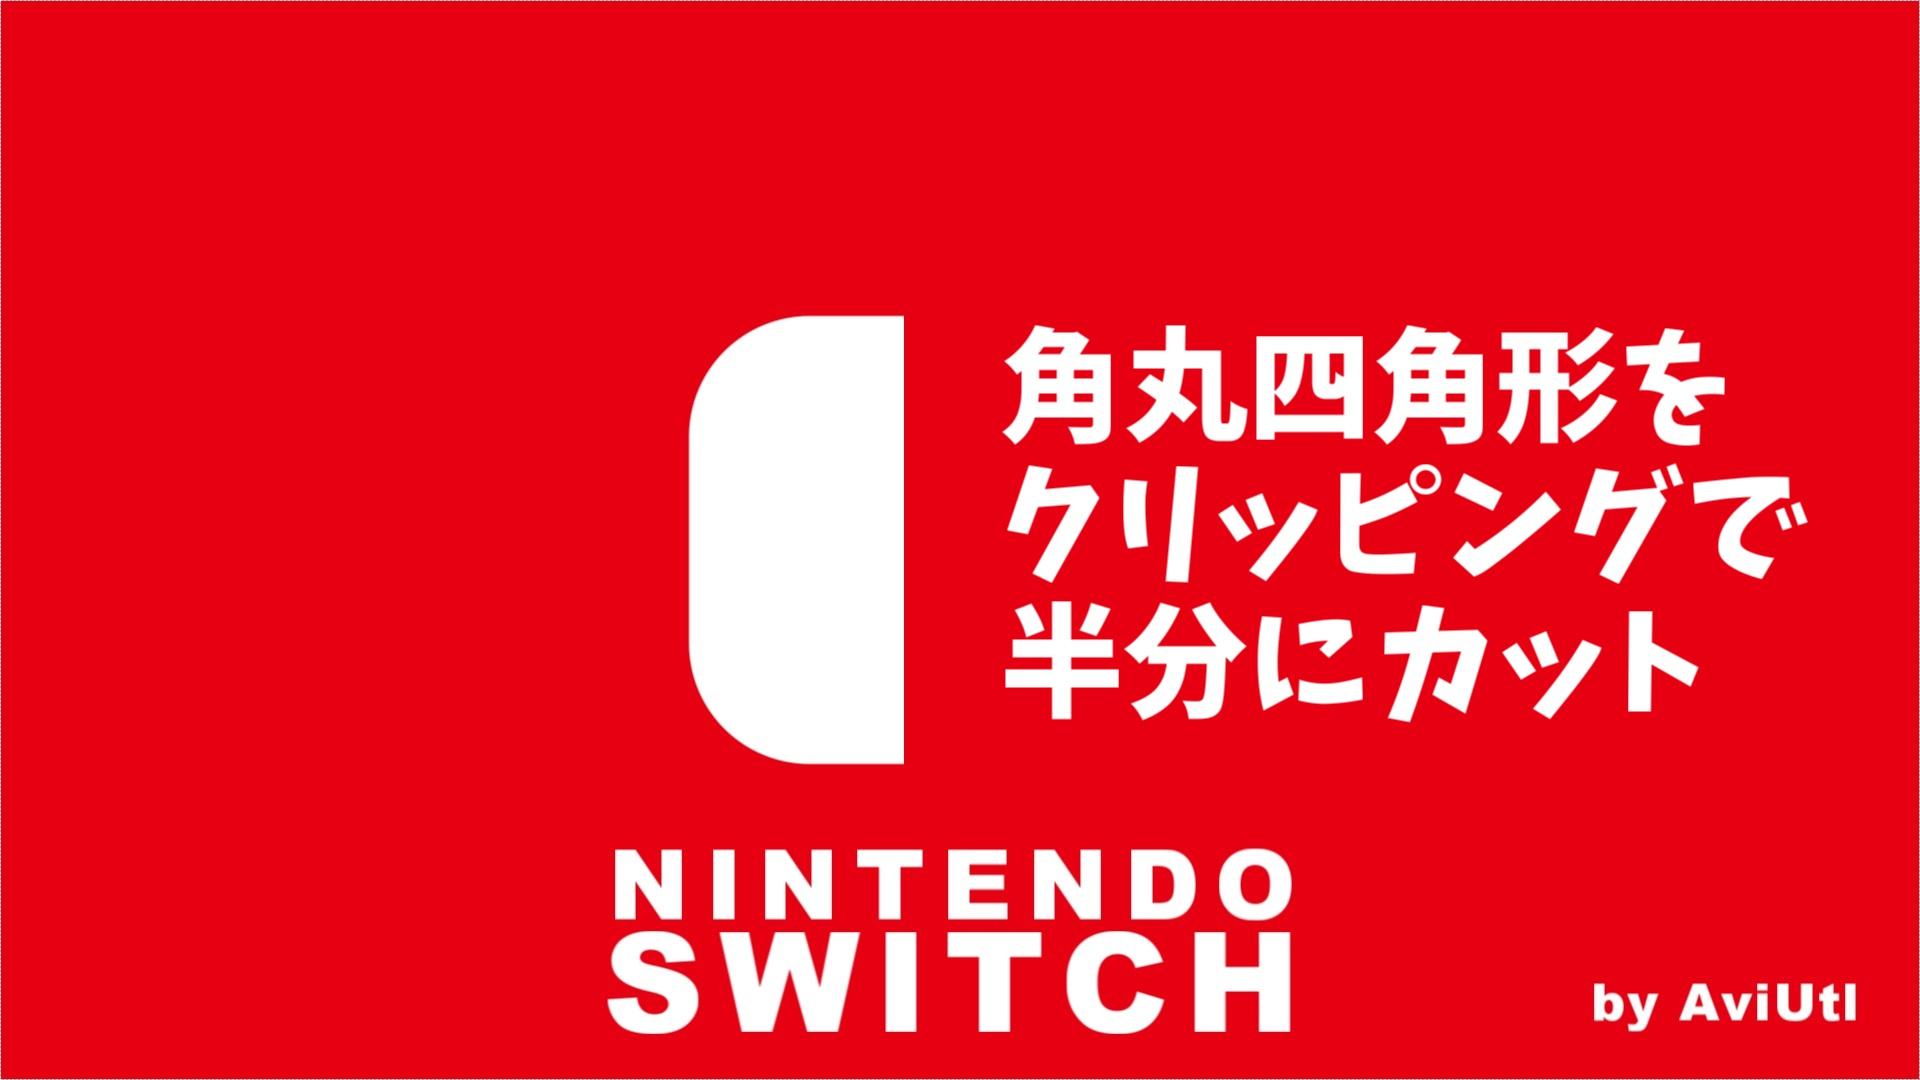 AviUtlで任天堂Switchのロゴを再現してみた【exo配布有り】